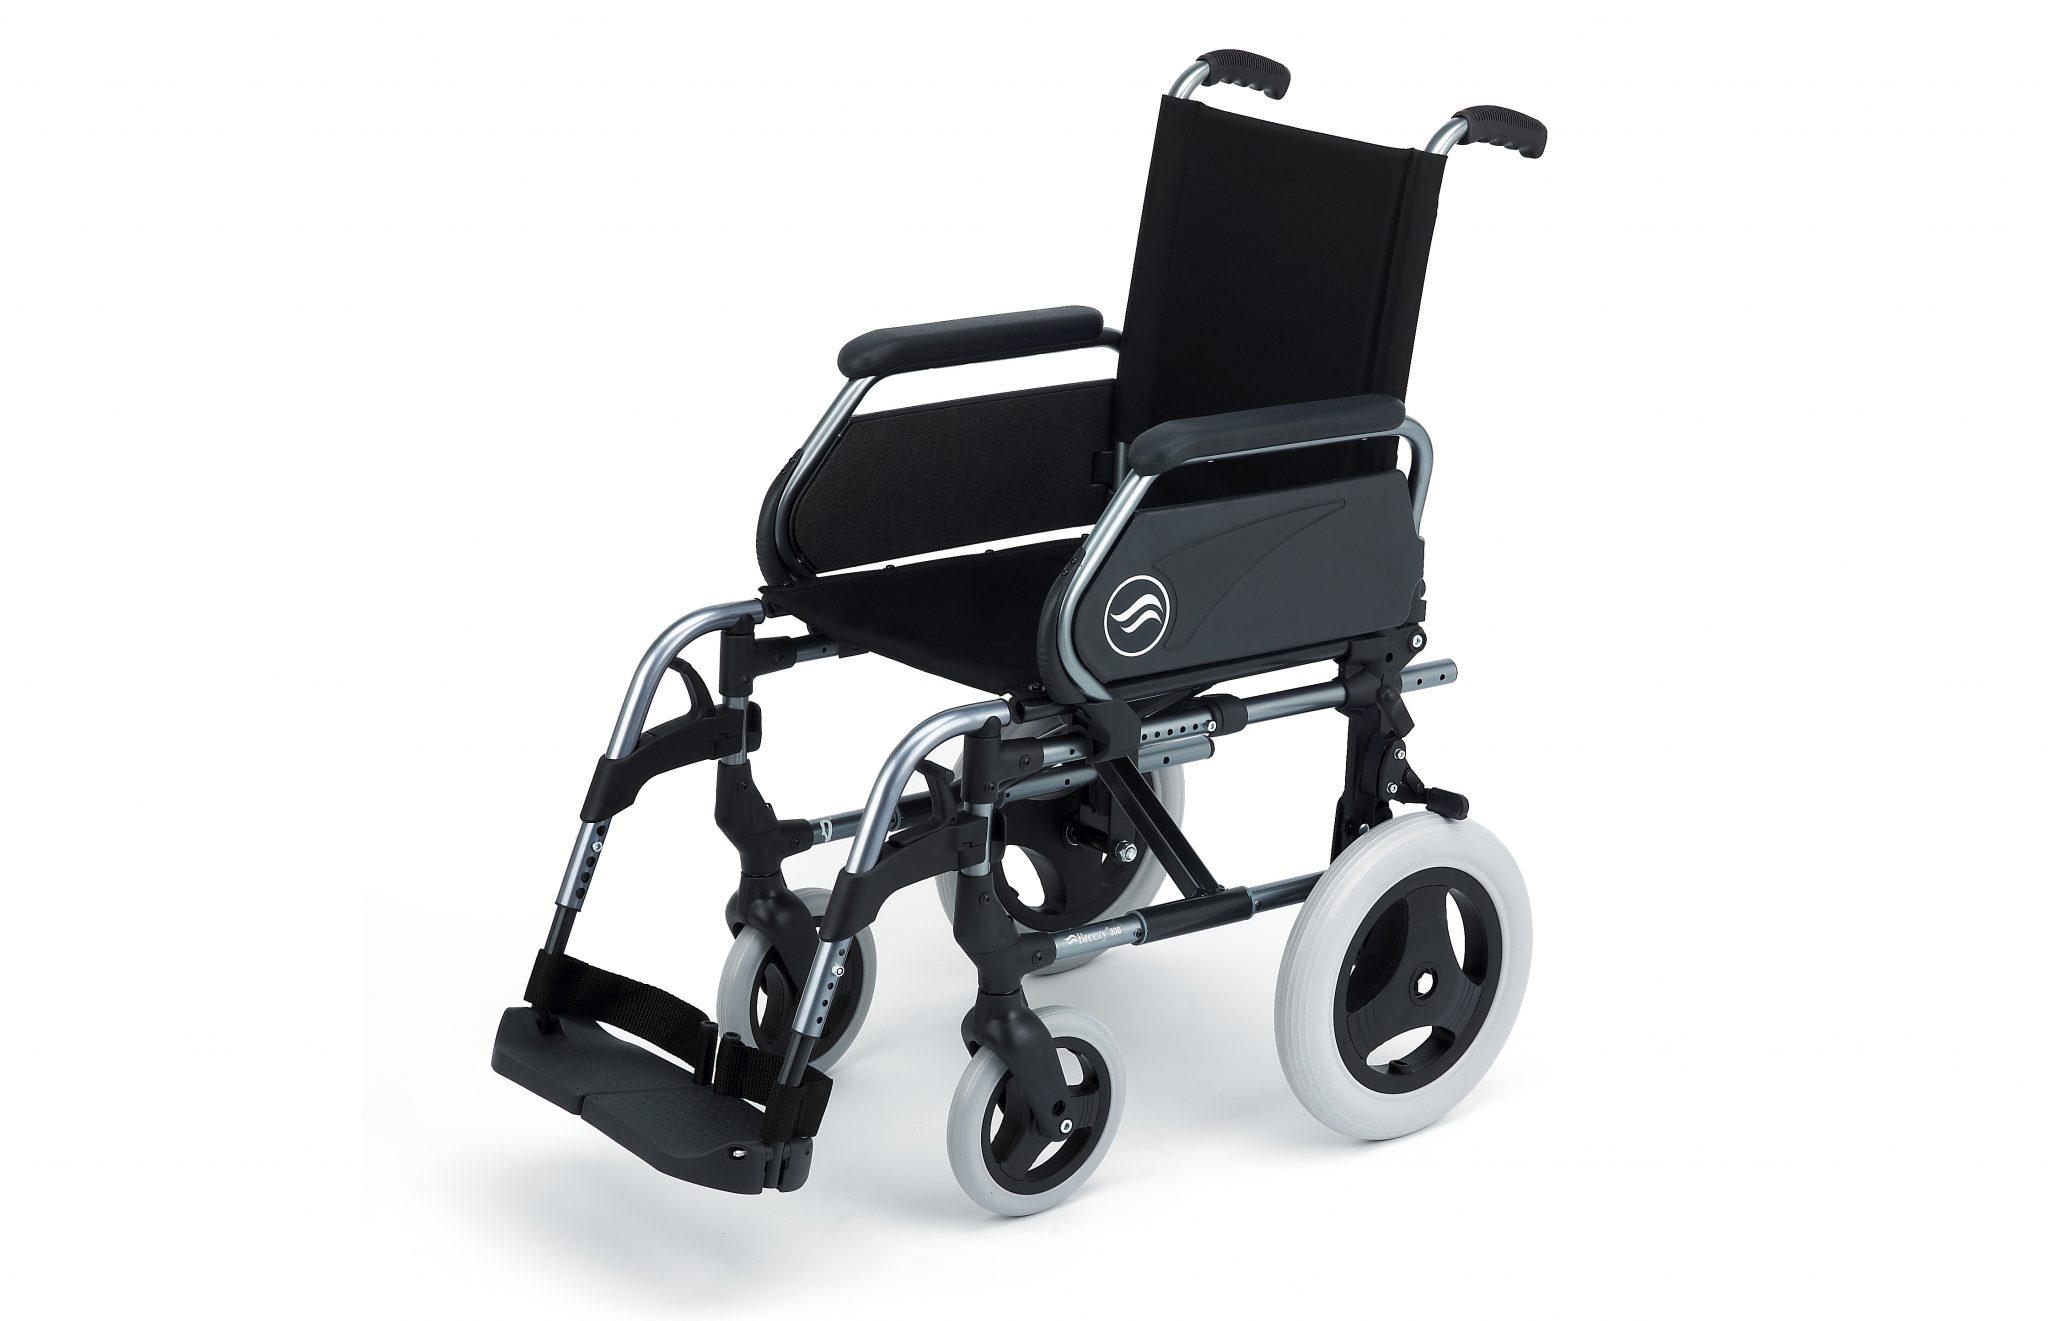 Cadeira de rodas manual preta com estrutura prateada, com vista de perfil.